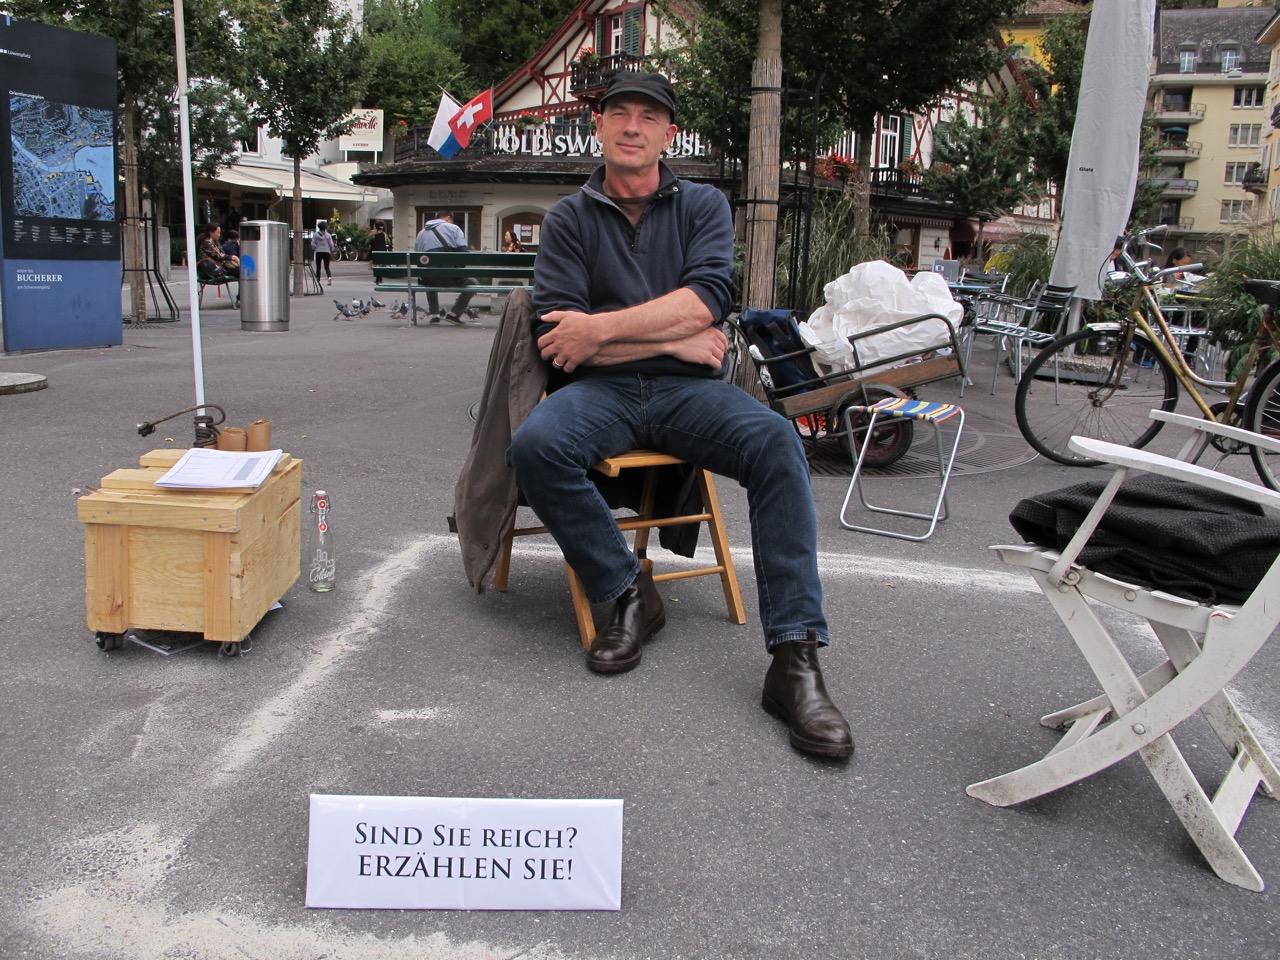 «Bist du reich» - eine heikle Frage für Schweizer Bürger - gestellt auf Luzerner Strassen.